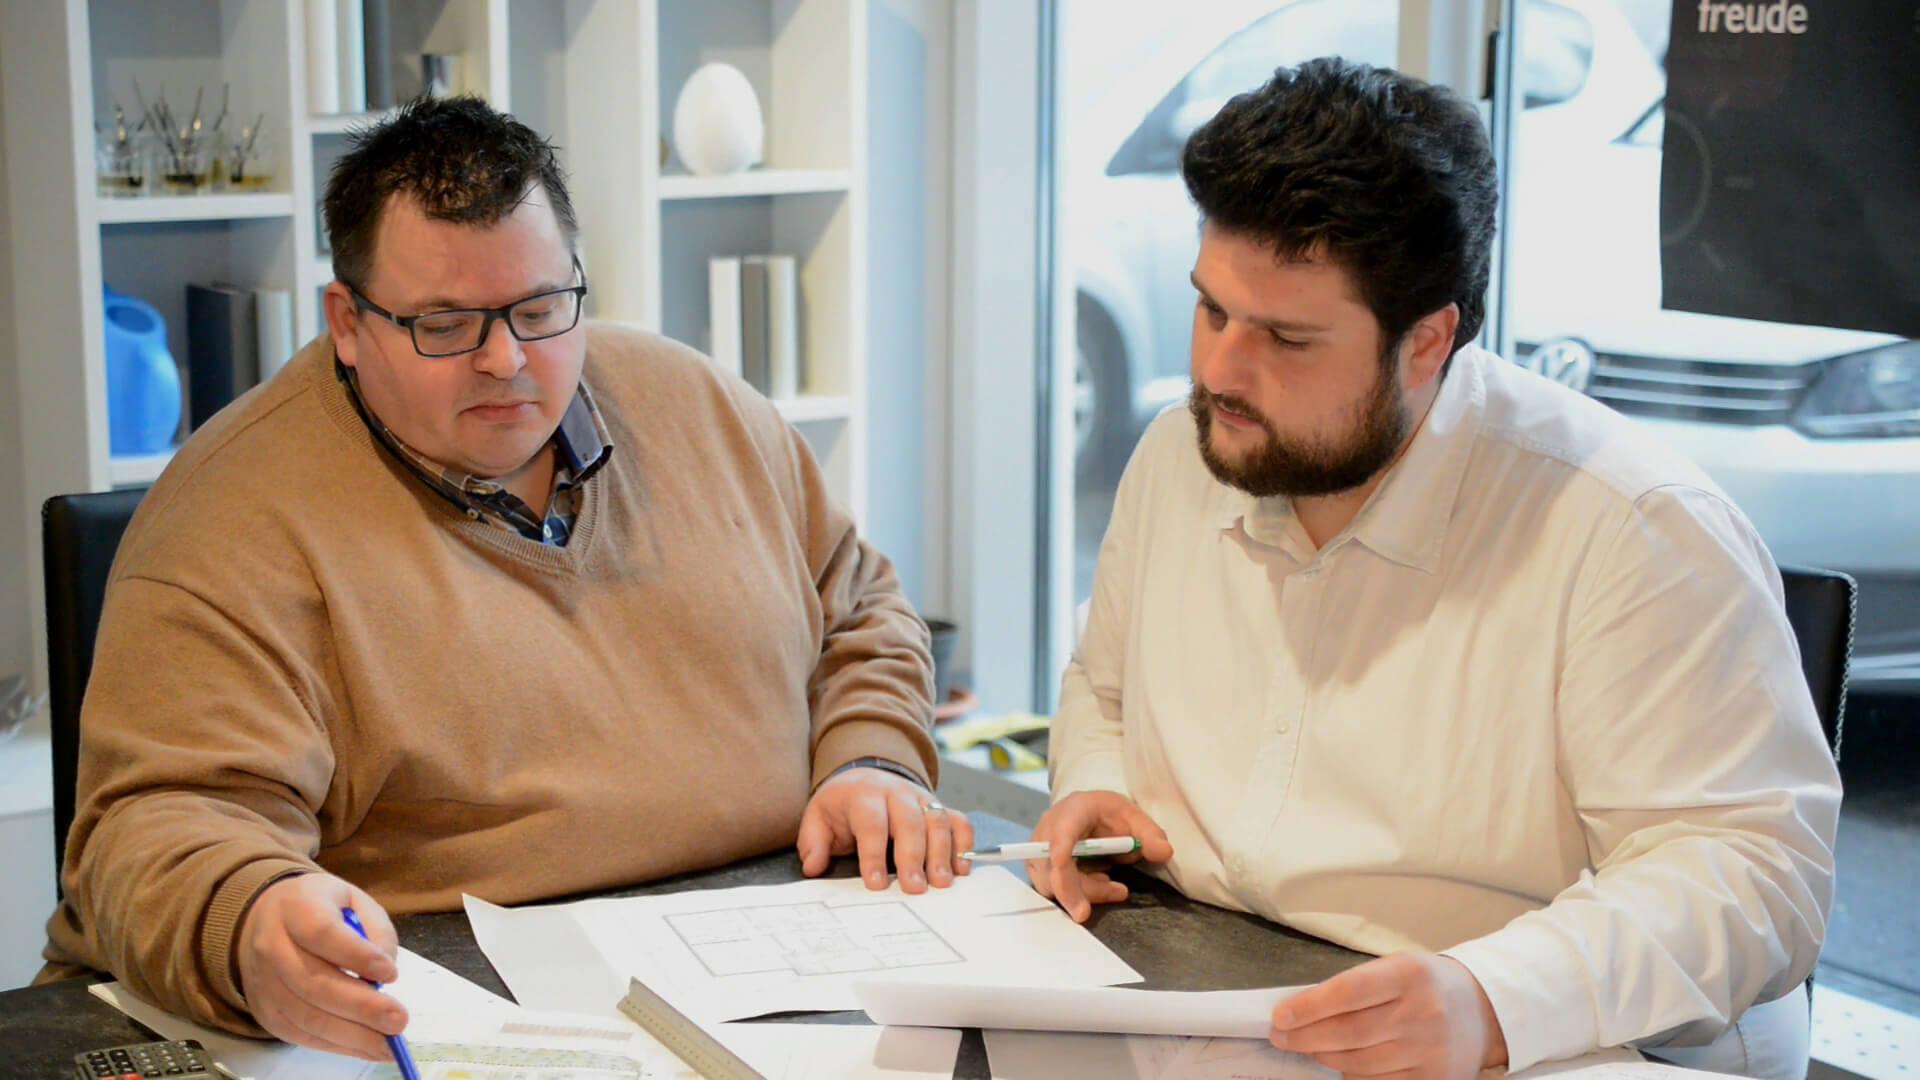 Auch bei Anpassungen oder Erweiterungen z.B. bei einem Wohnungswechsel stehen wir an Ihrer Seite.